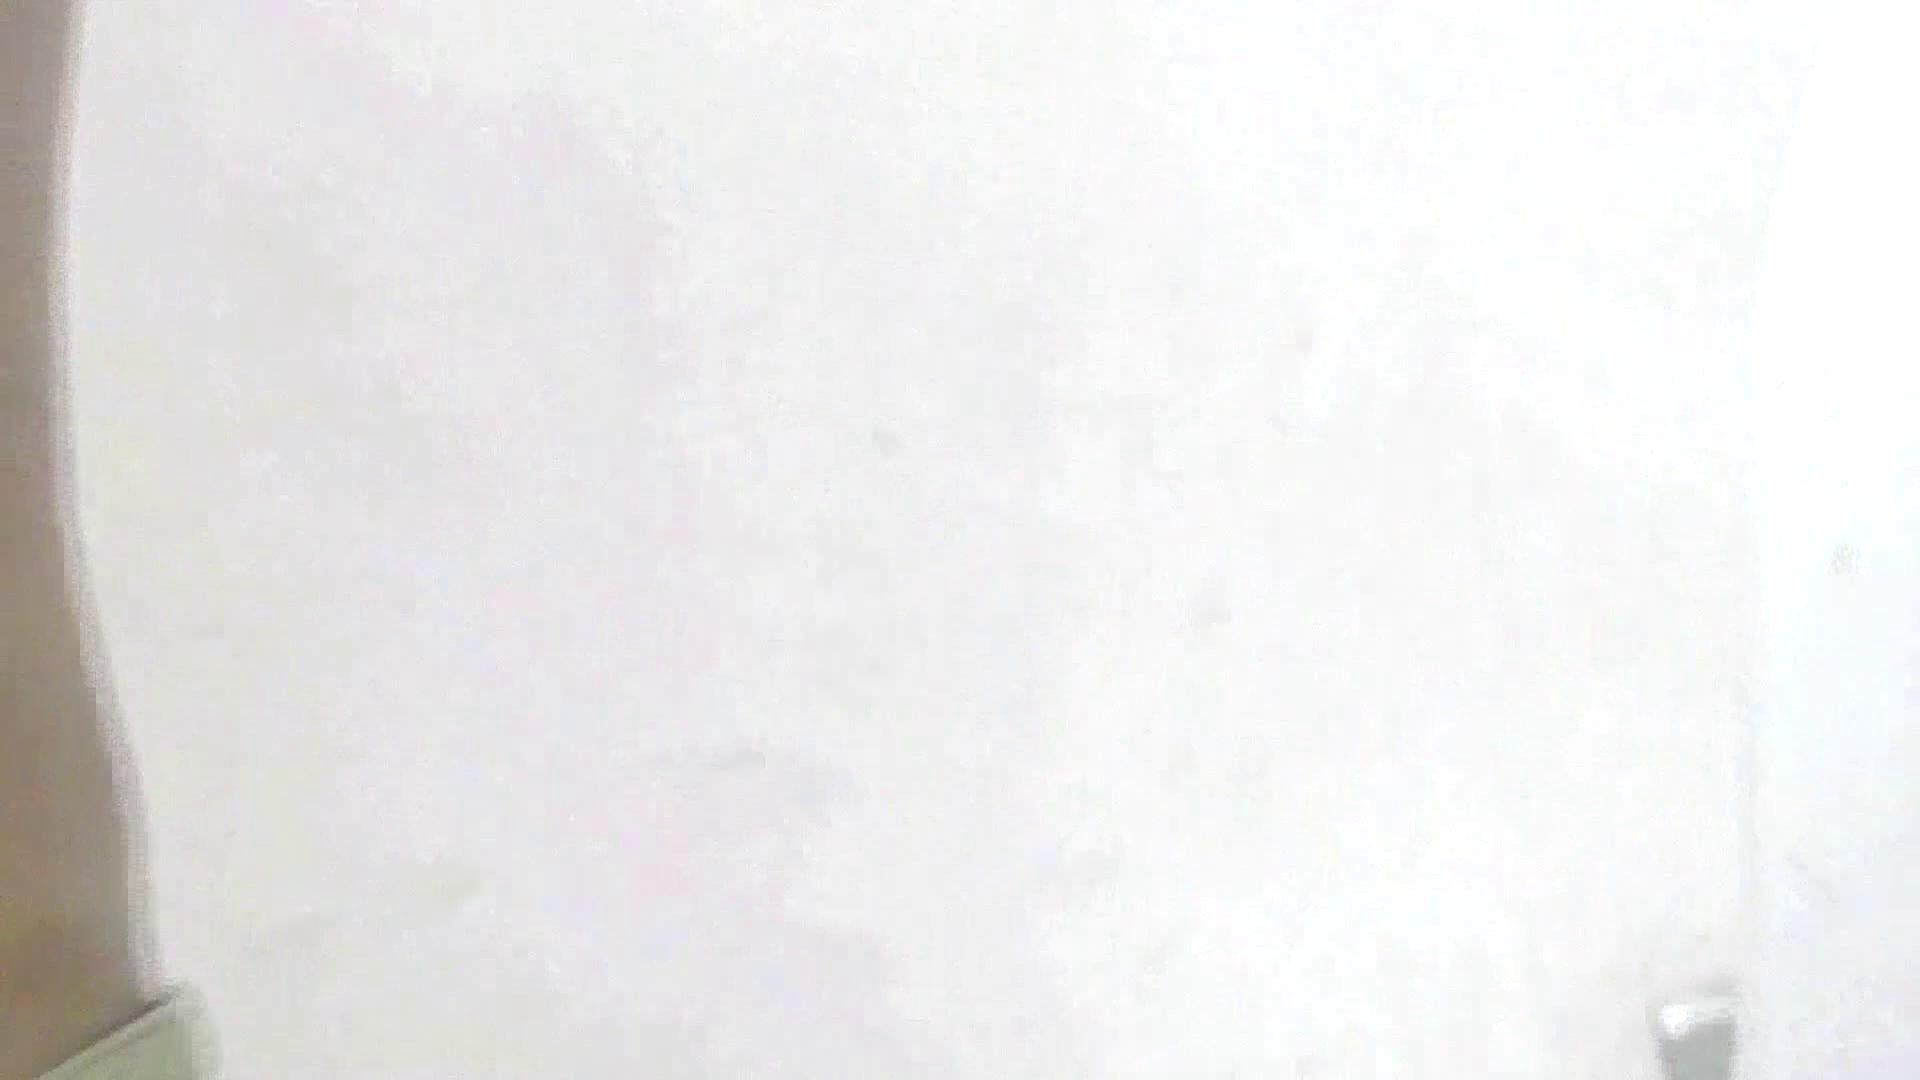 洗面所特攻隊 vol.X さらば!!特攻隊。【2015・08位】 洗面所のぞき | 丸見え  95枚 7